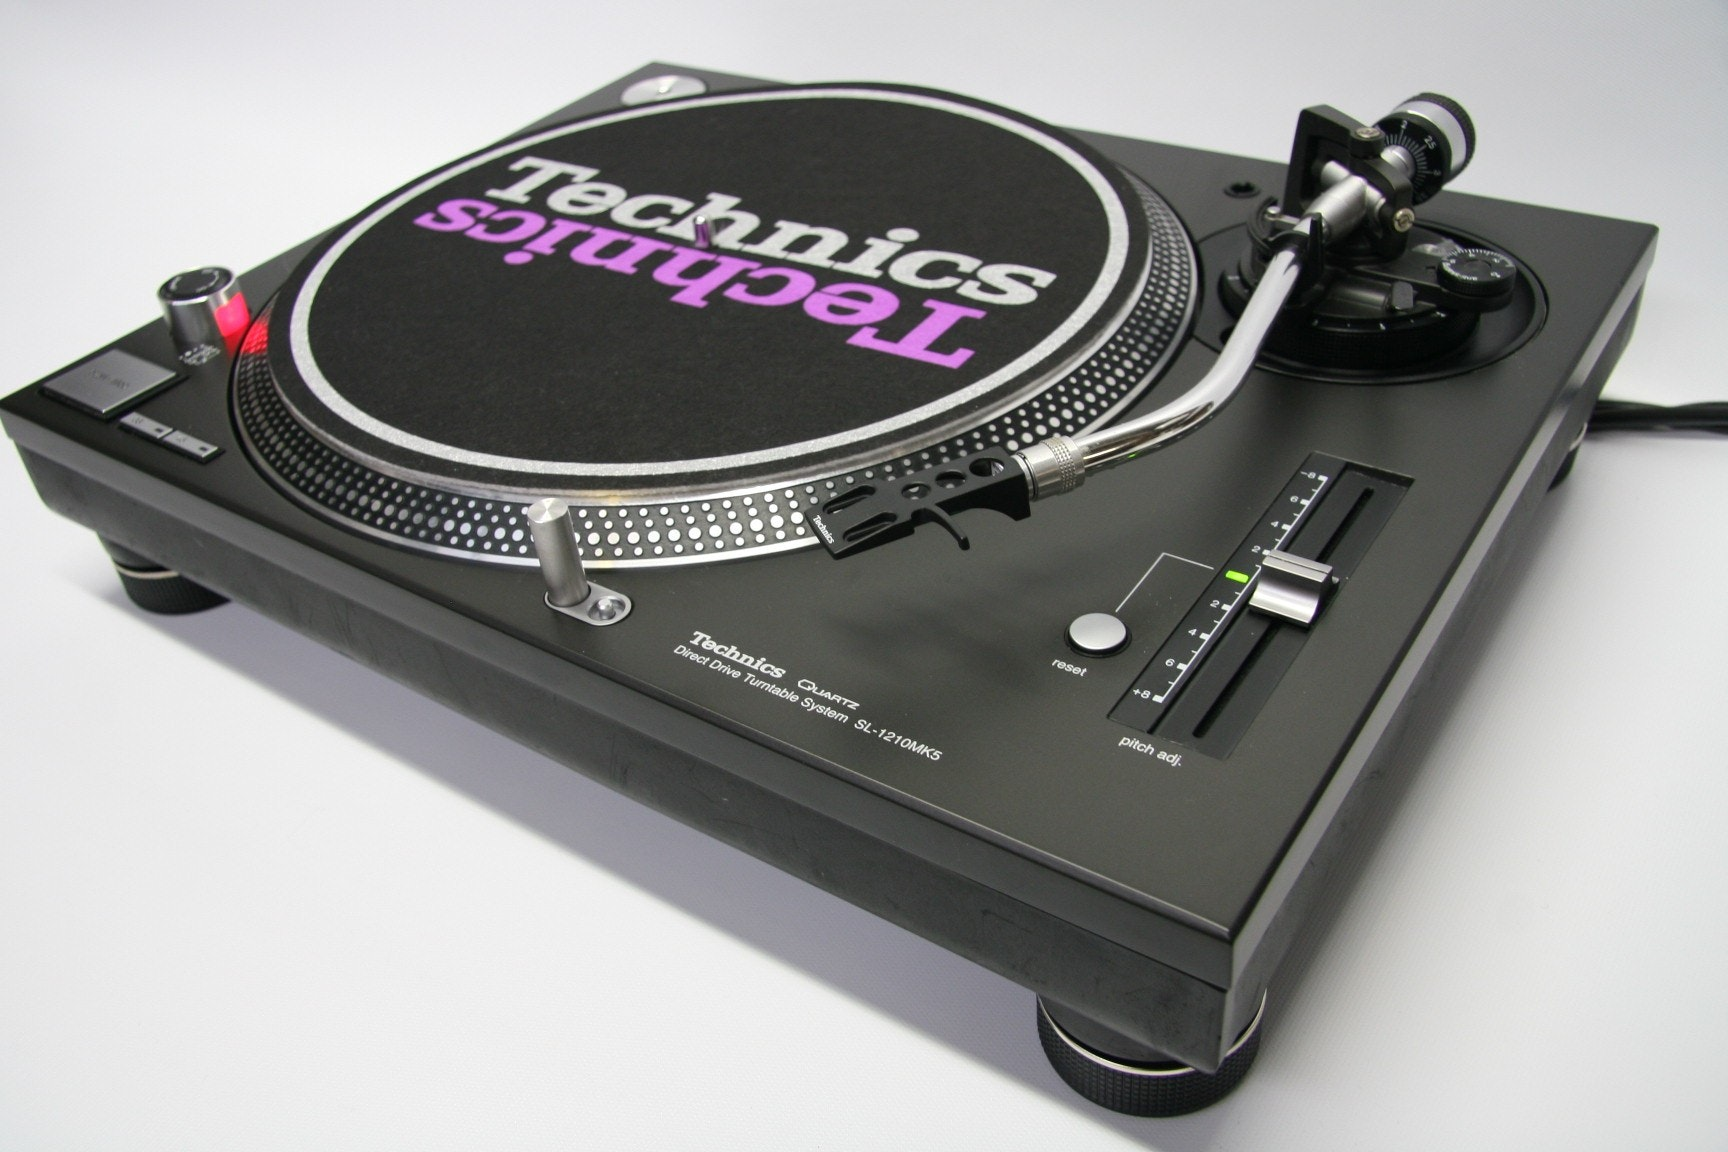 Technics SL-1210Mk5 Turntable